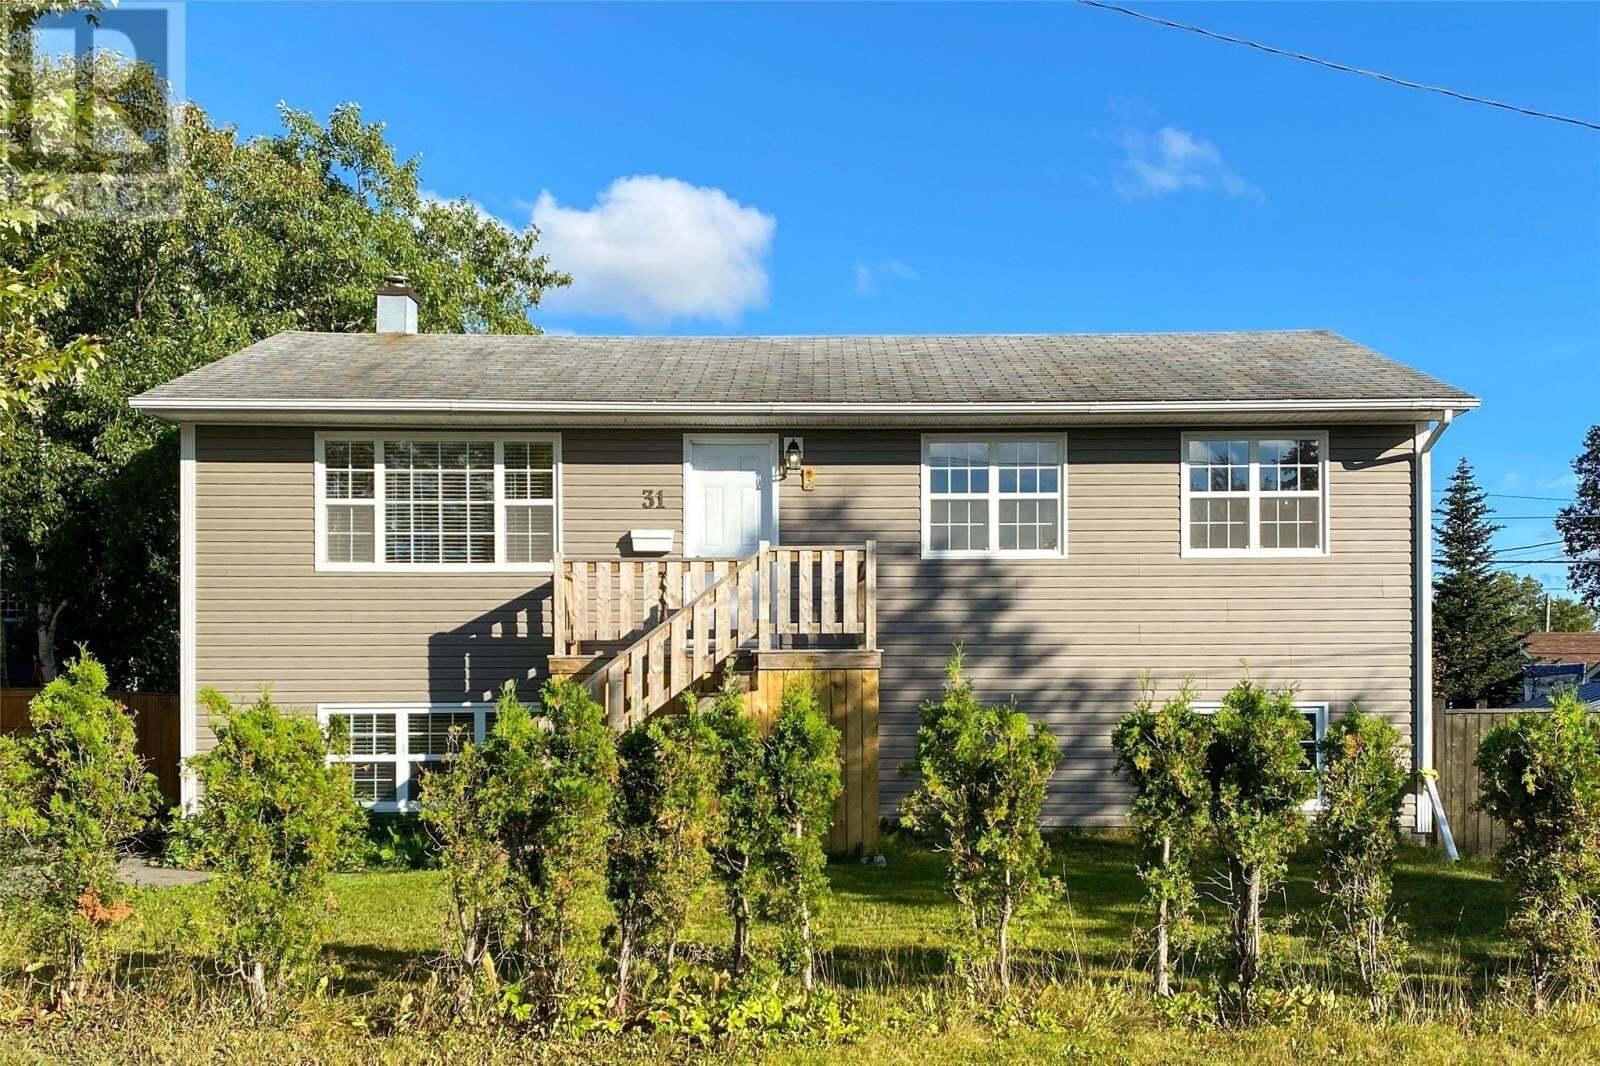 House for sale at 31 Bishop St Gander Newfoundland - MLS: 1219302